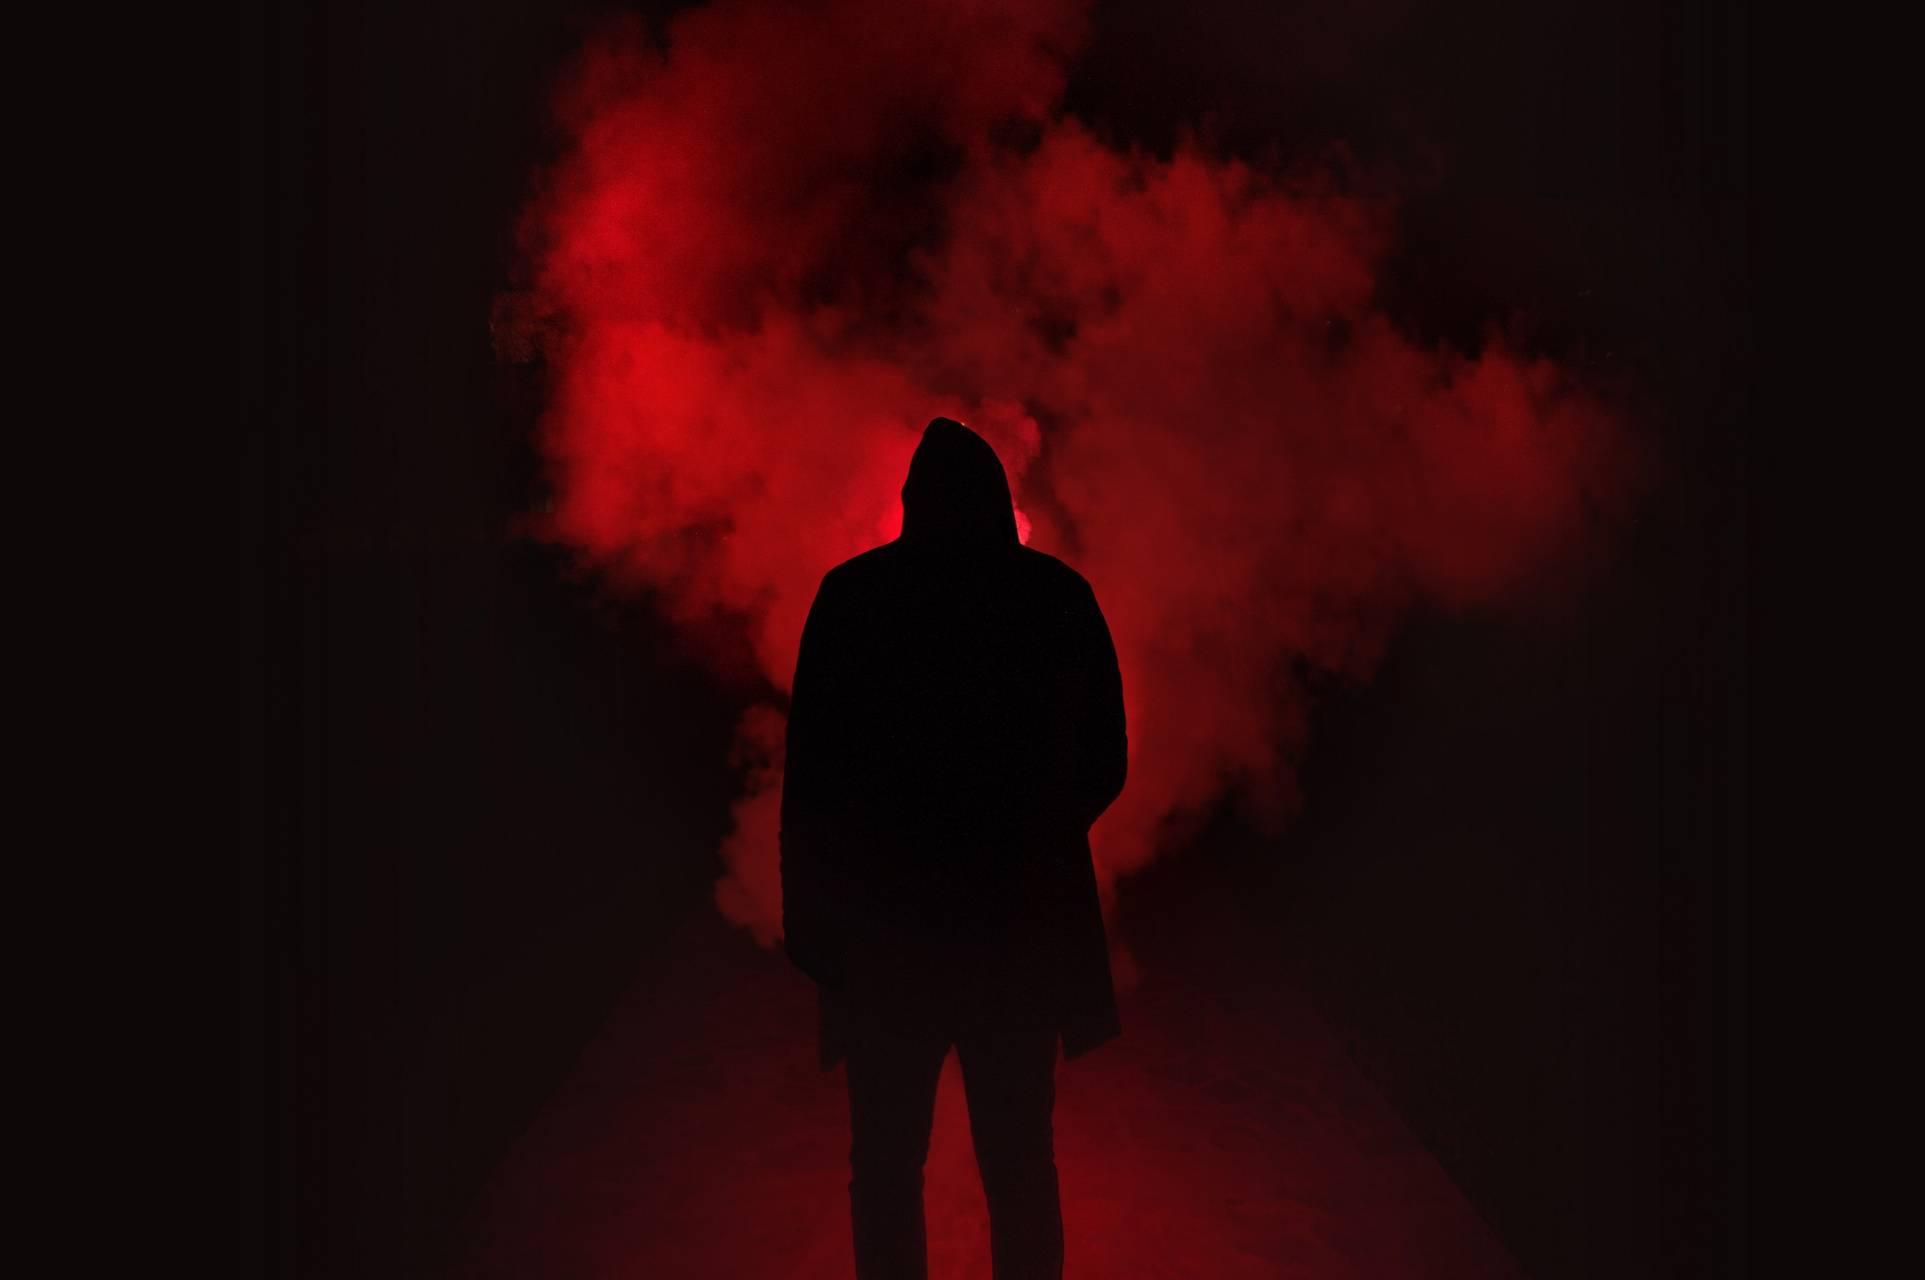 Red smoke